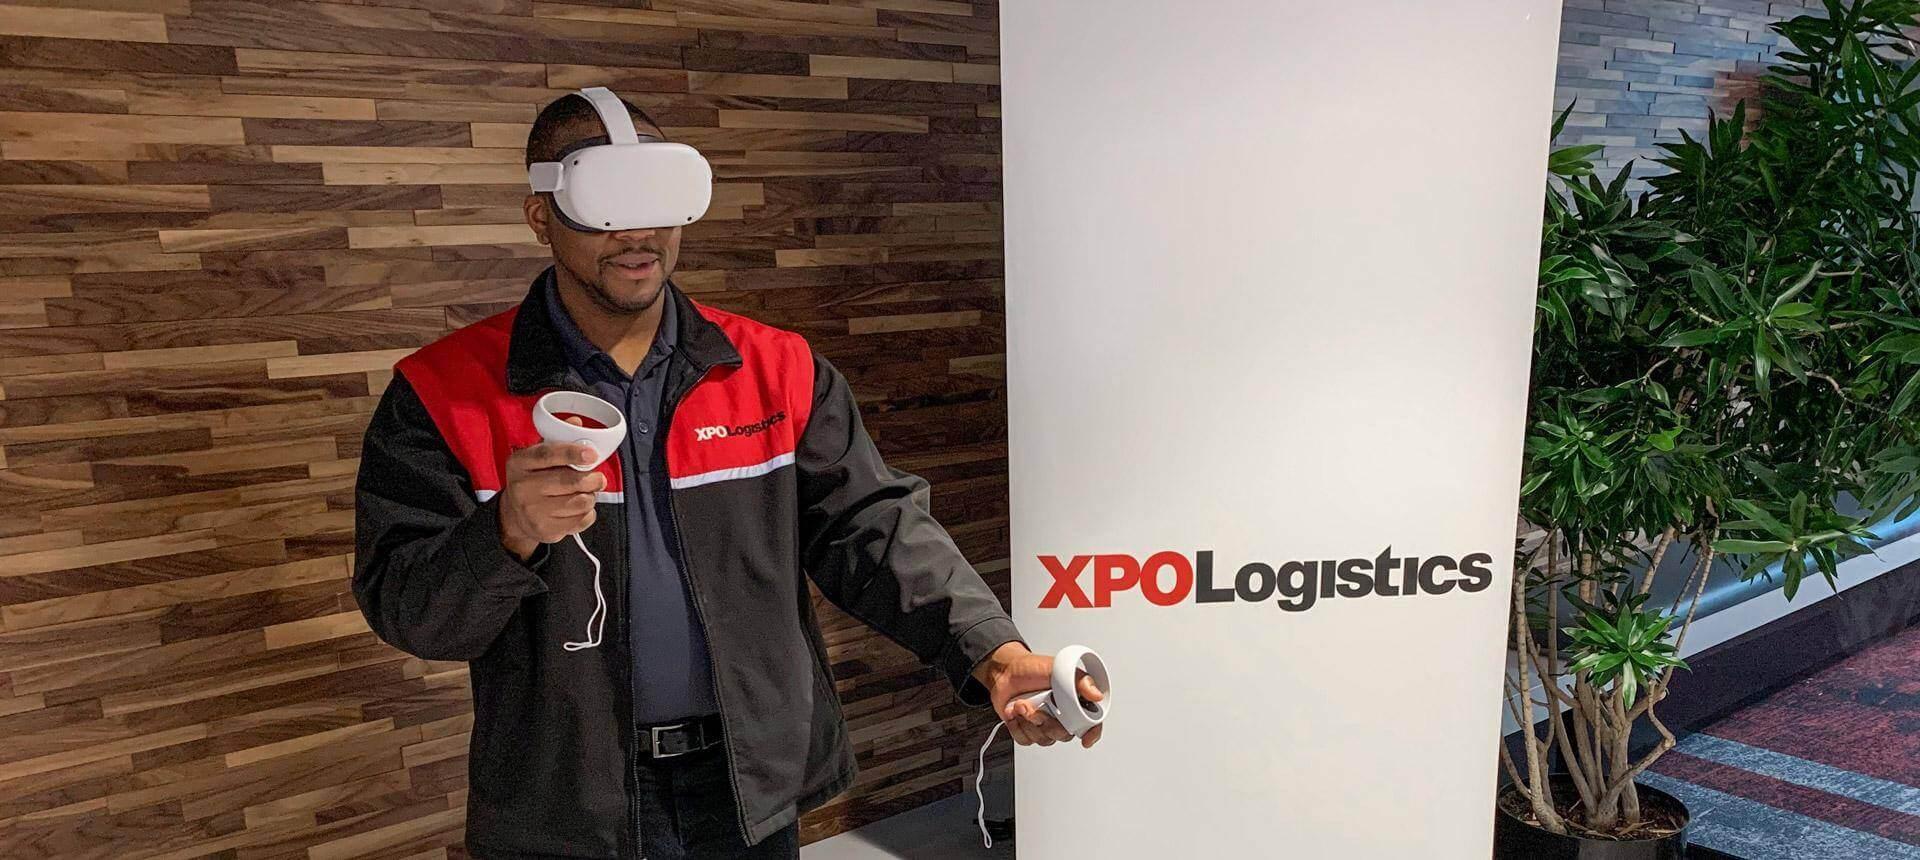 XPO szkoli kierowców używając wirtualnej rzeczywistości. Zobacz, jakie korzyści płyną z tego rozwiązania